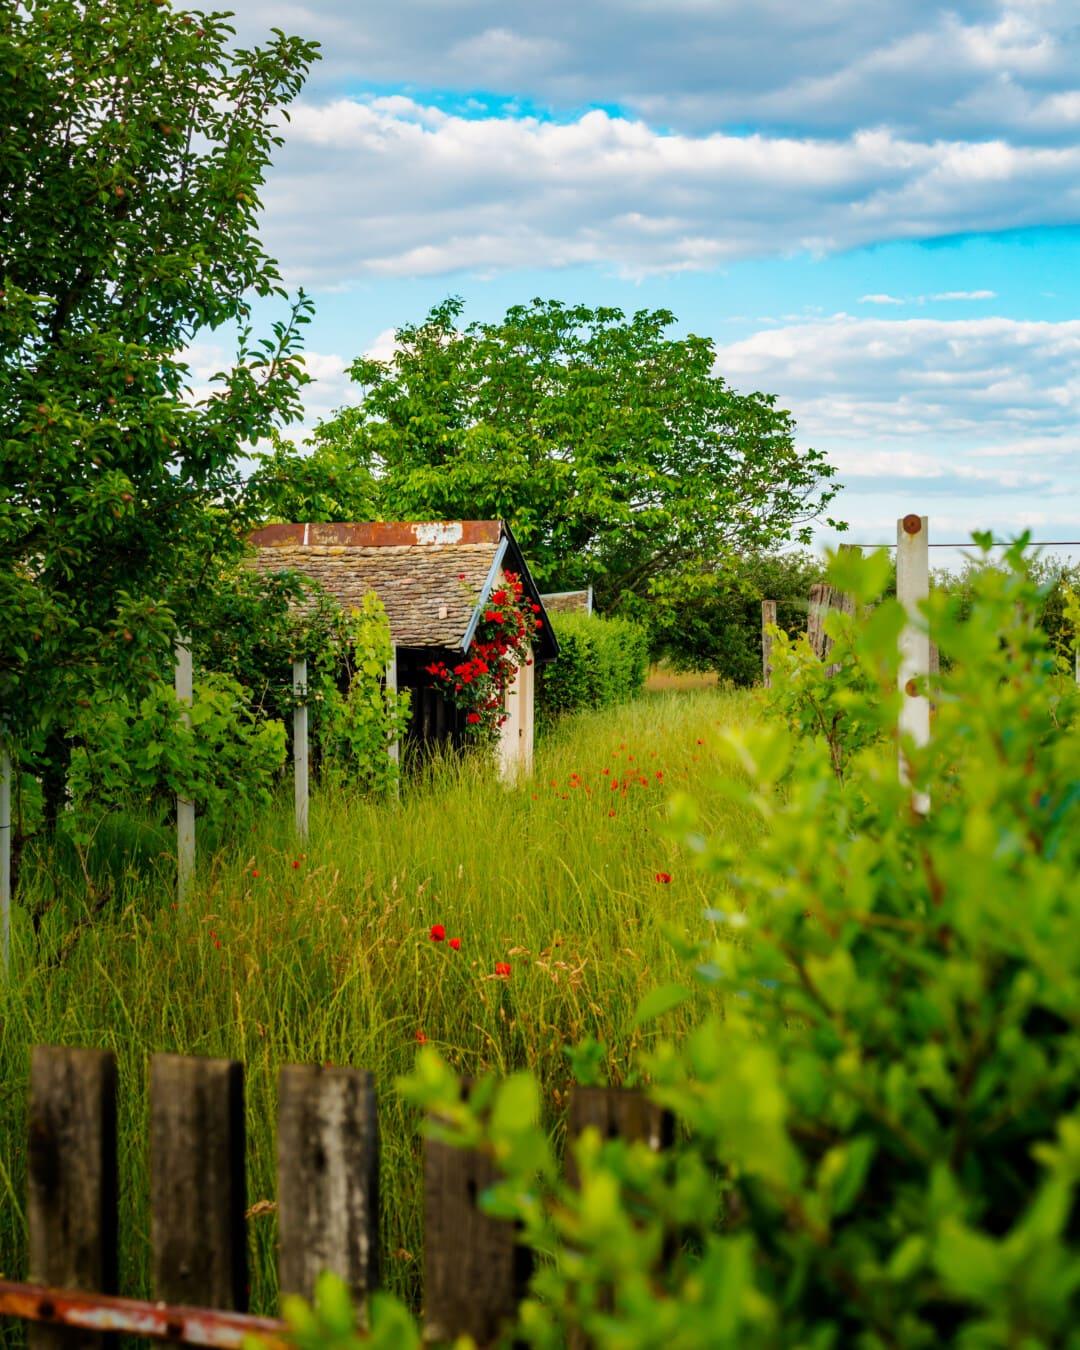 старый, фруктовый сад, отказаться, Коттедж, сельское хозяйство, виноградник, пейзаж, дерево, дерево, ферма